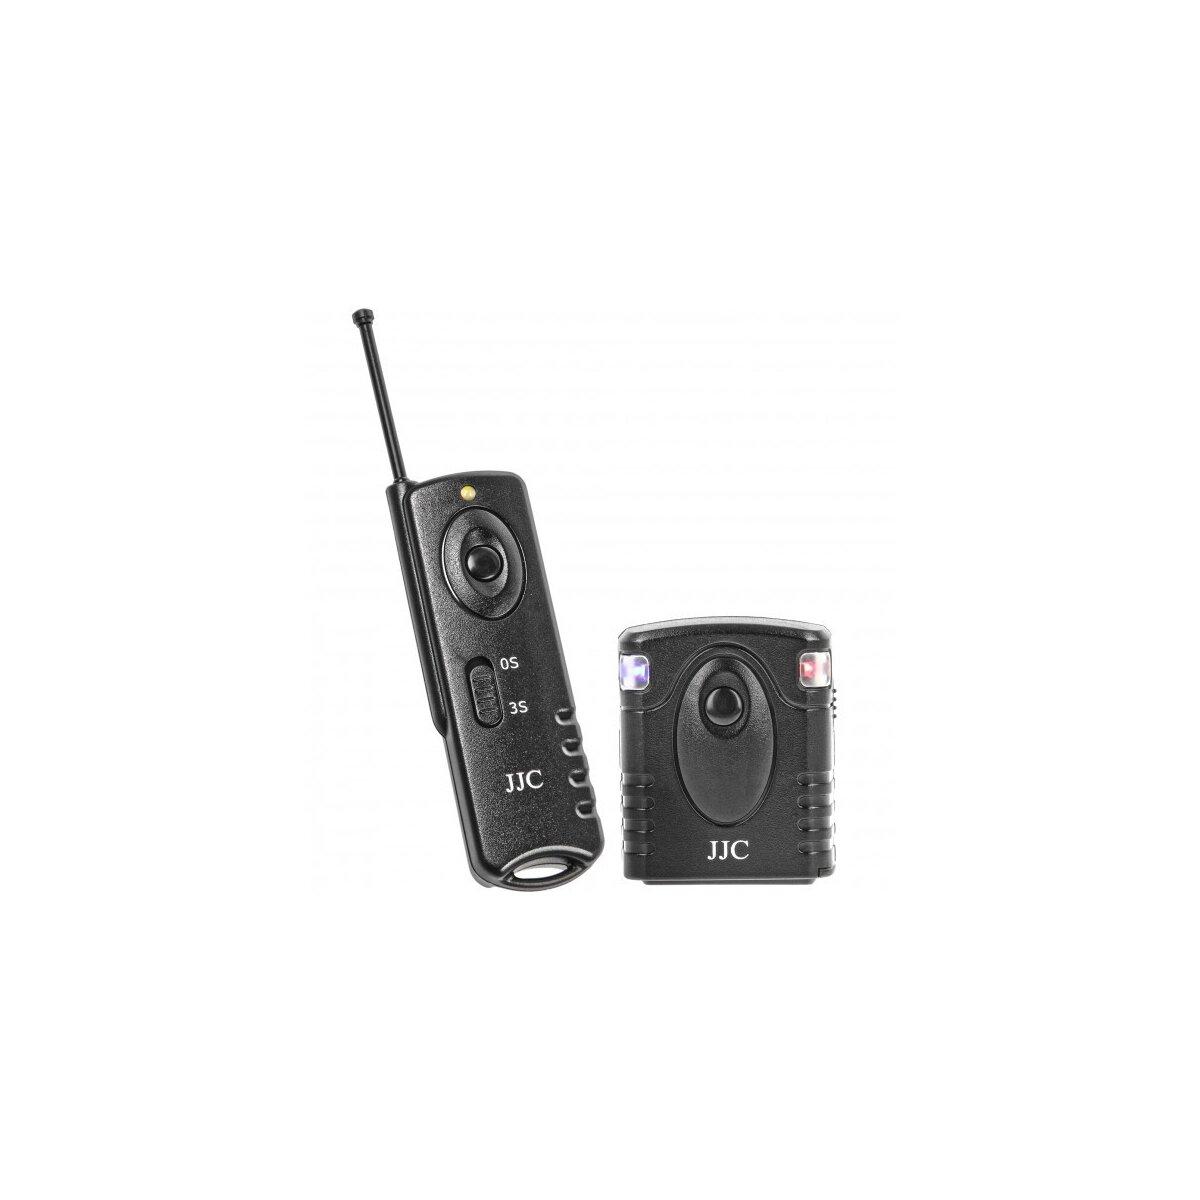 Funk Fernauslöser für Canon kompatibel zu EOS 50D, 40D, 7D, 6D, 5D Mark IV, 5D Mark III uvm - JJC JM-A